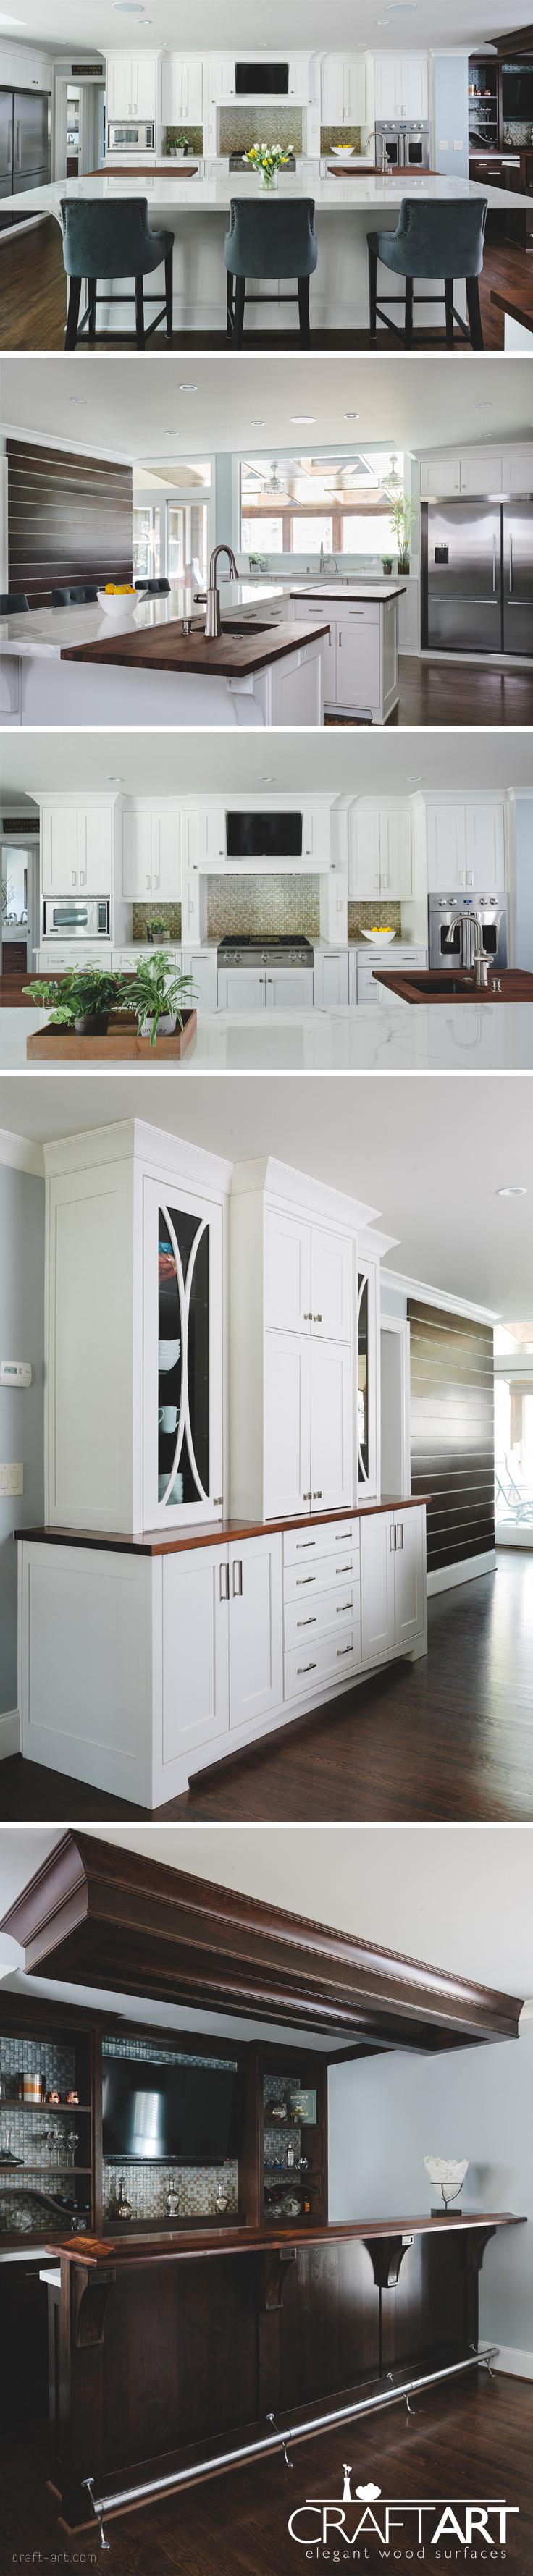 Stunning Craft-Art Kitchen! | BLACK WALNUT by Craft-Art | Pinterest ...